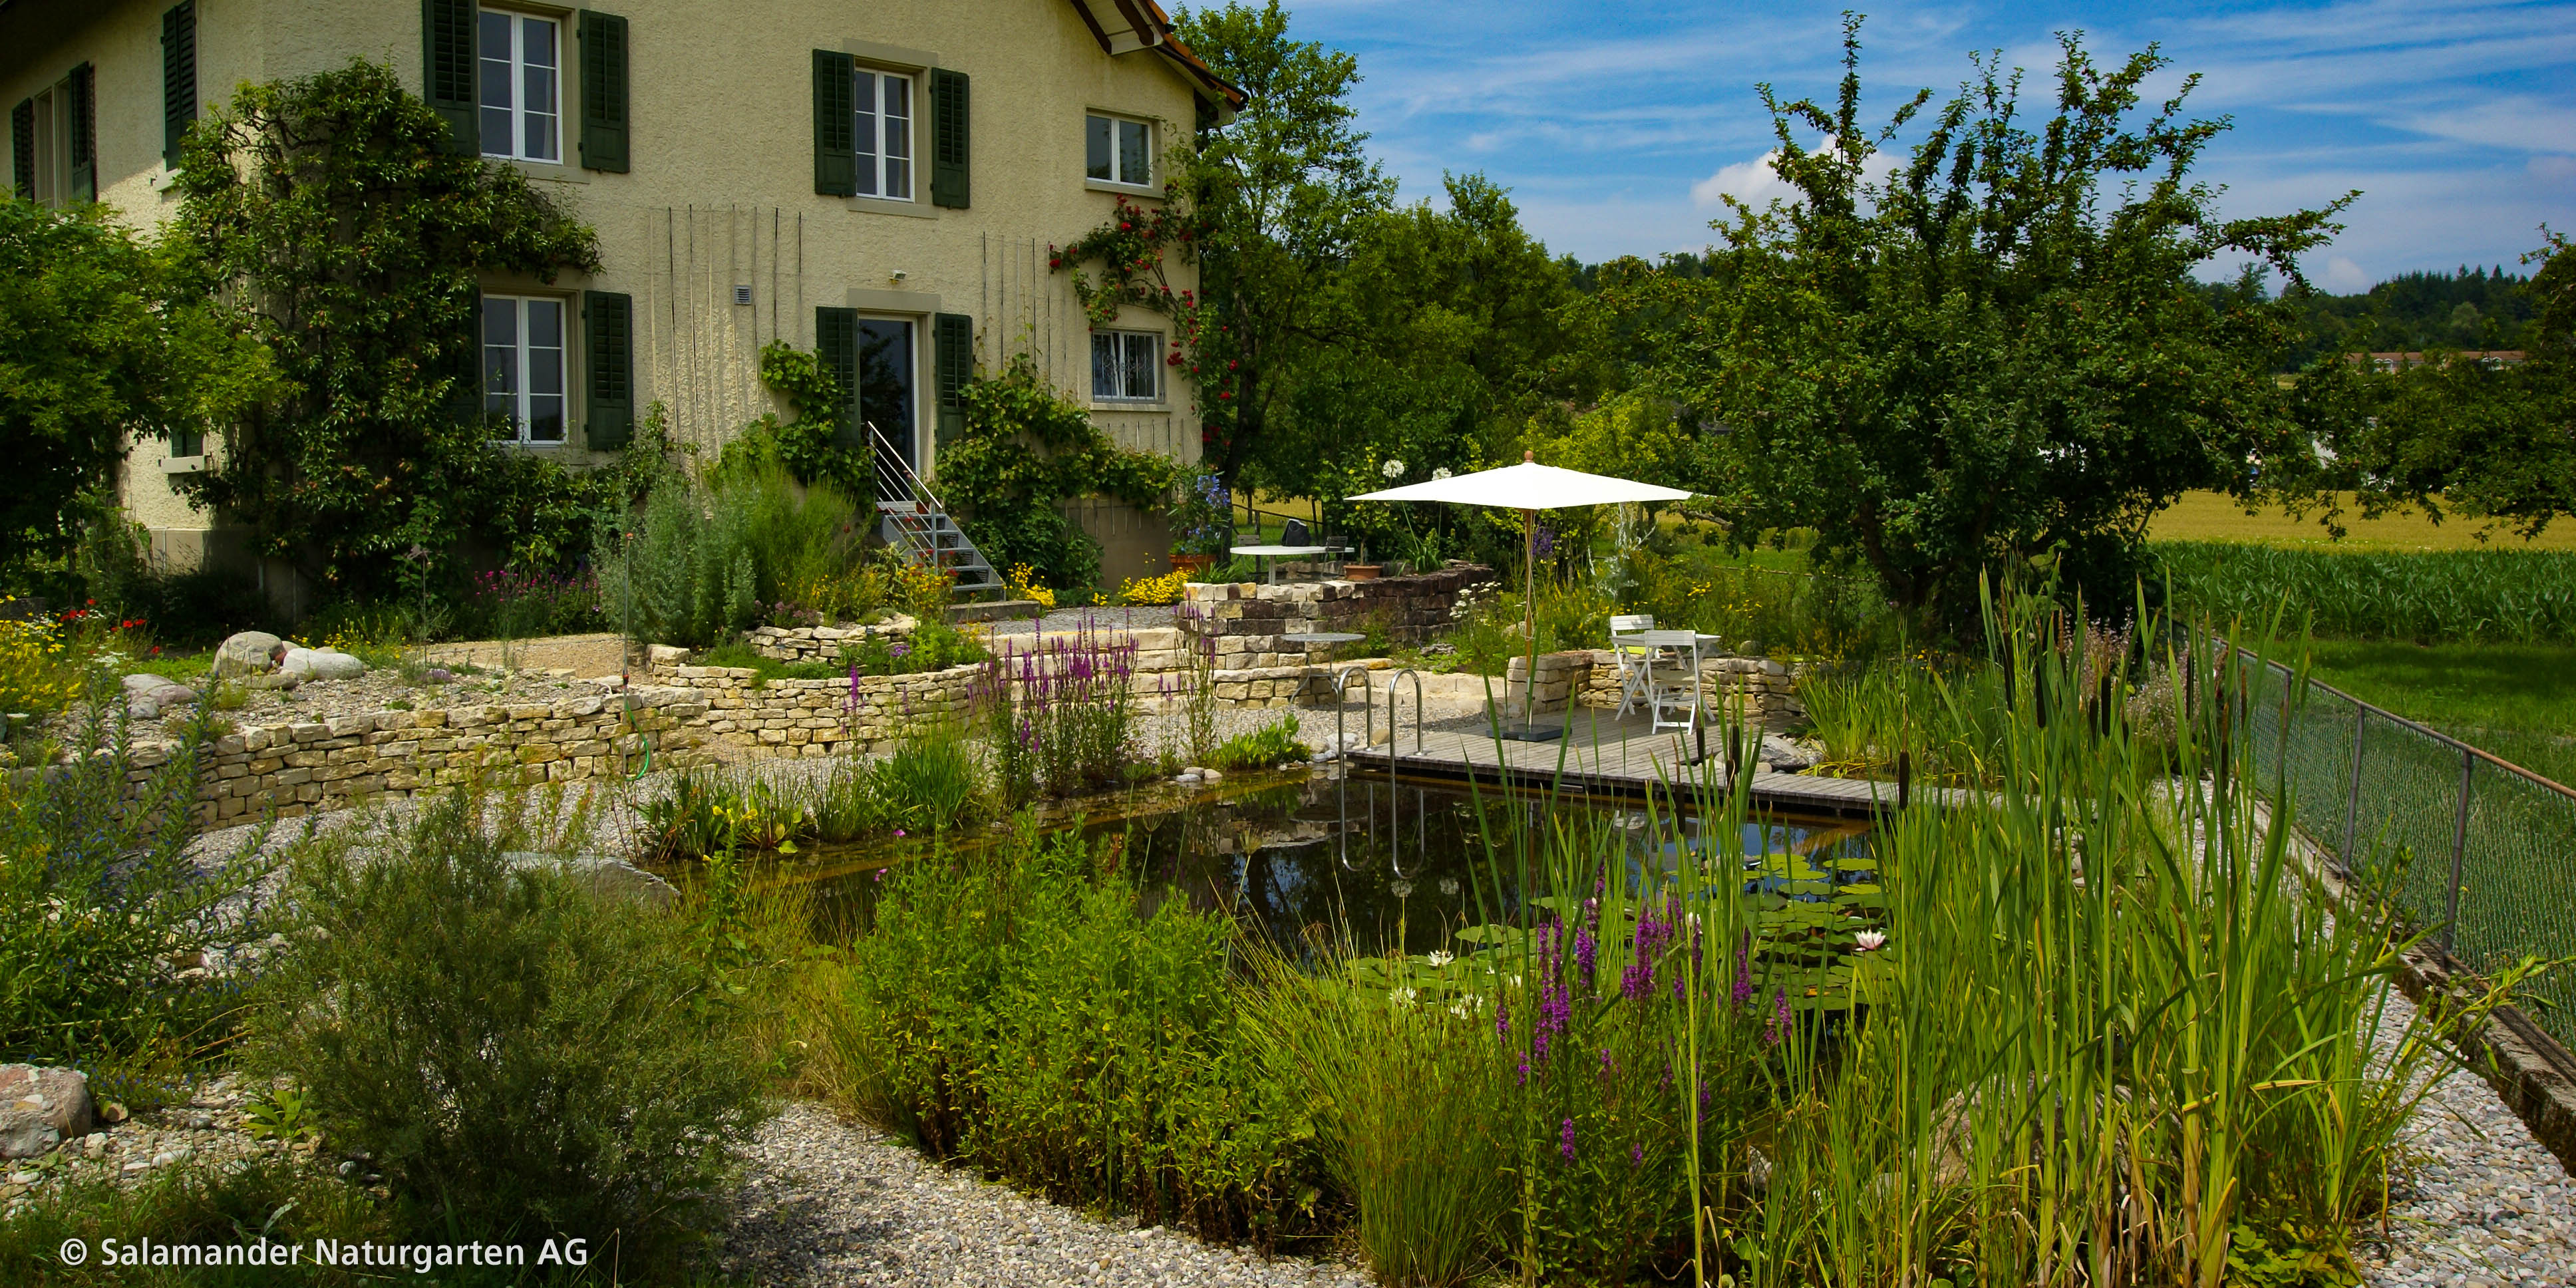 ihr gartenbau spezialist salamander naturgarten ag salamander naturgarten ag. Black Bedroom Furniture Sets. Home Design Ideas